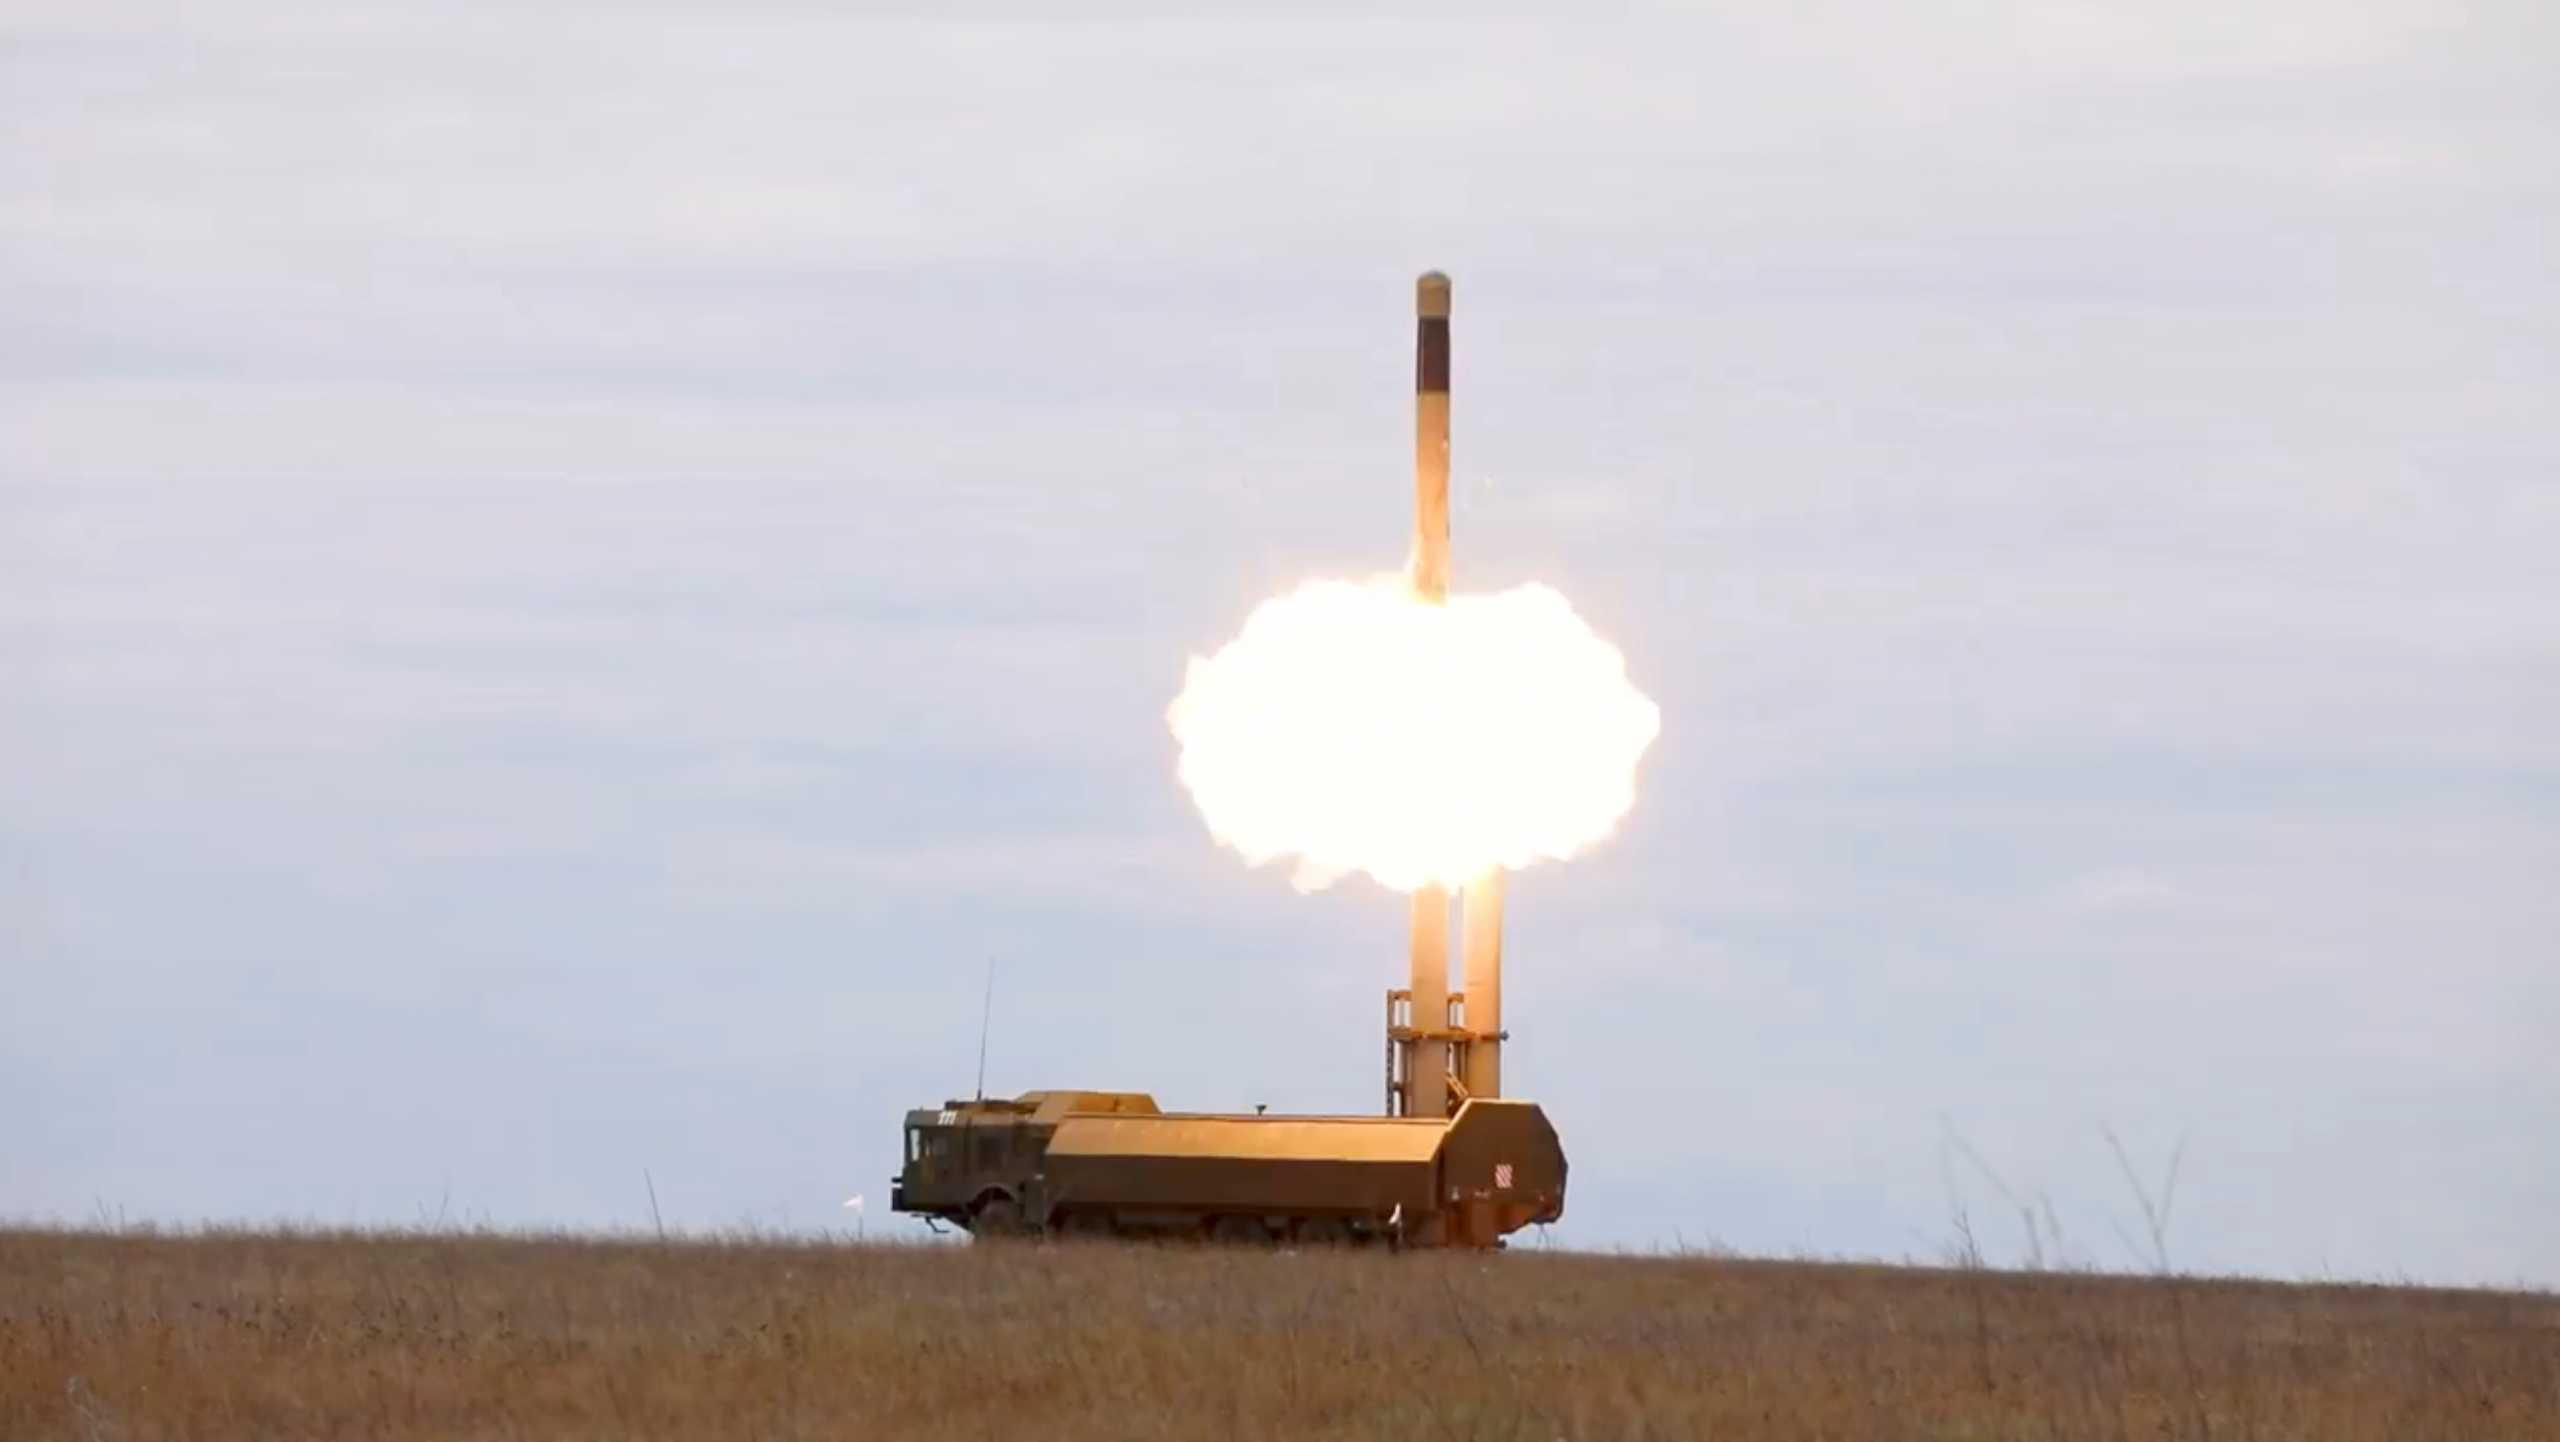 Νέο «μήνυμα» από Ρωσία: Εκτόξευσε πυραύλους Bastion «δίπλα» στο NATO